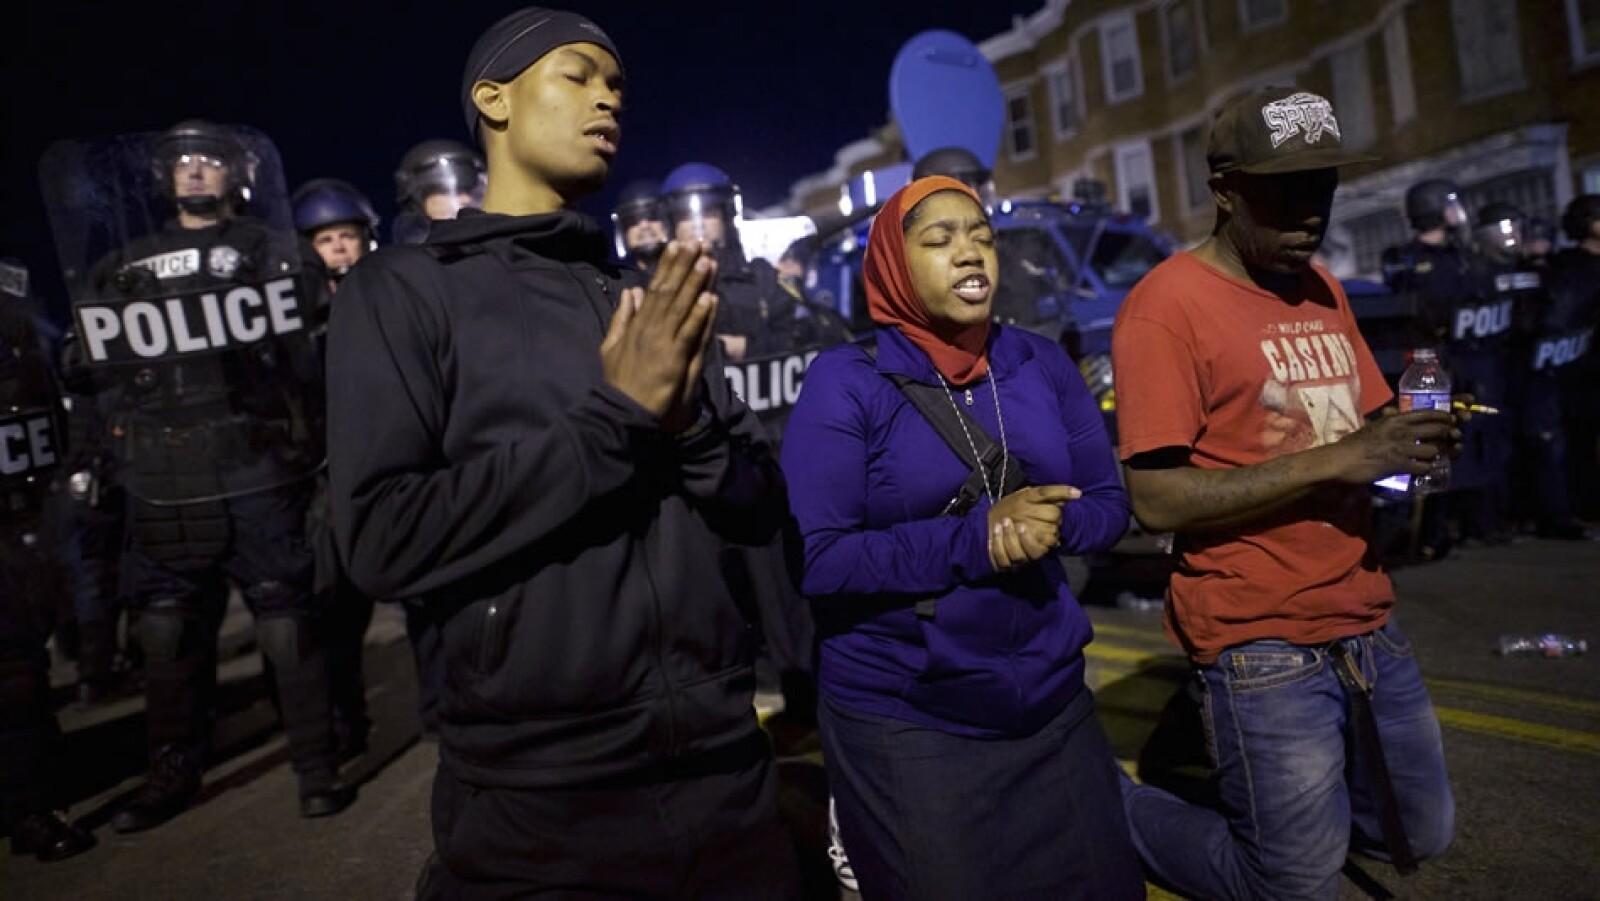 Un grupo de personas reza frente a los oficiales de policía tras resistirse a cumplir con un toque de queda que comenzó este martes